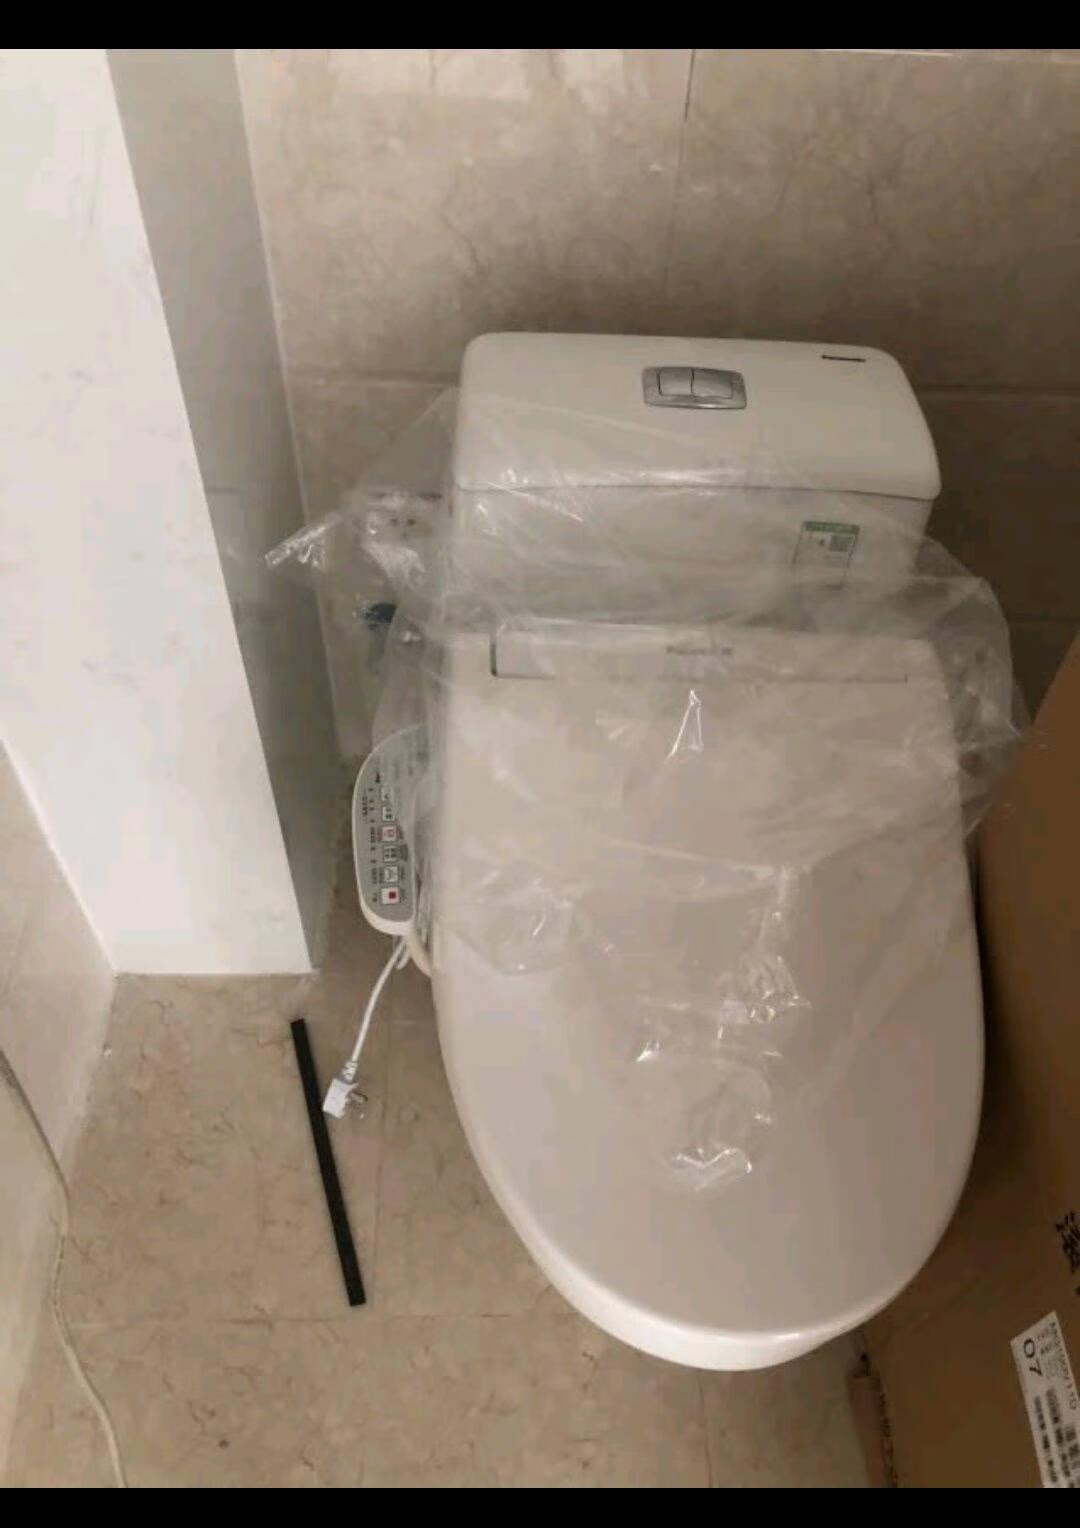 松下(panasonic)智能马桶抗菌储式日本品牌便圈抗菌马桶盖坐便盖连体坐便器1309套装【1309+A型陶瓷马桶】(千城包安装)300坑距